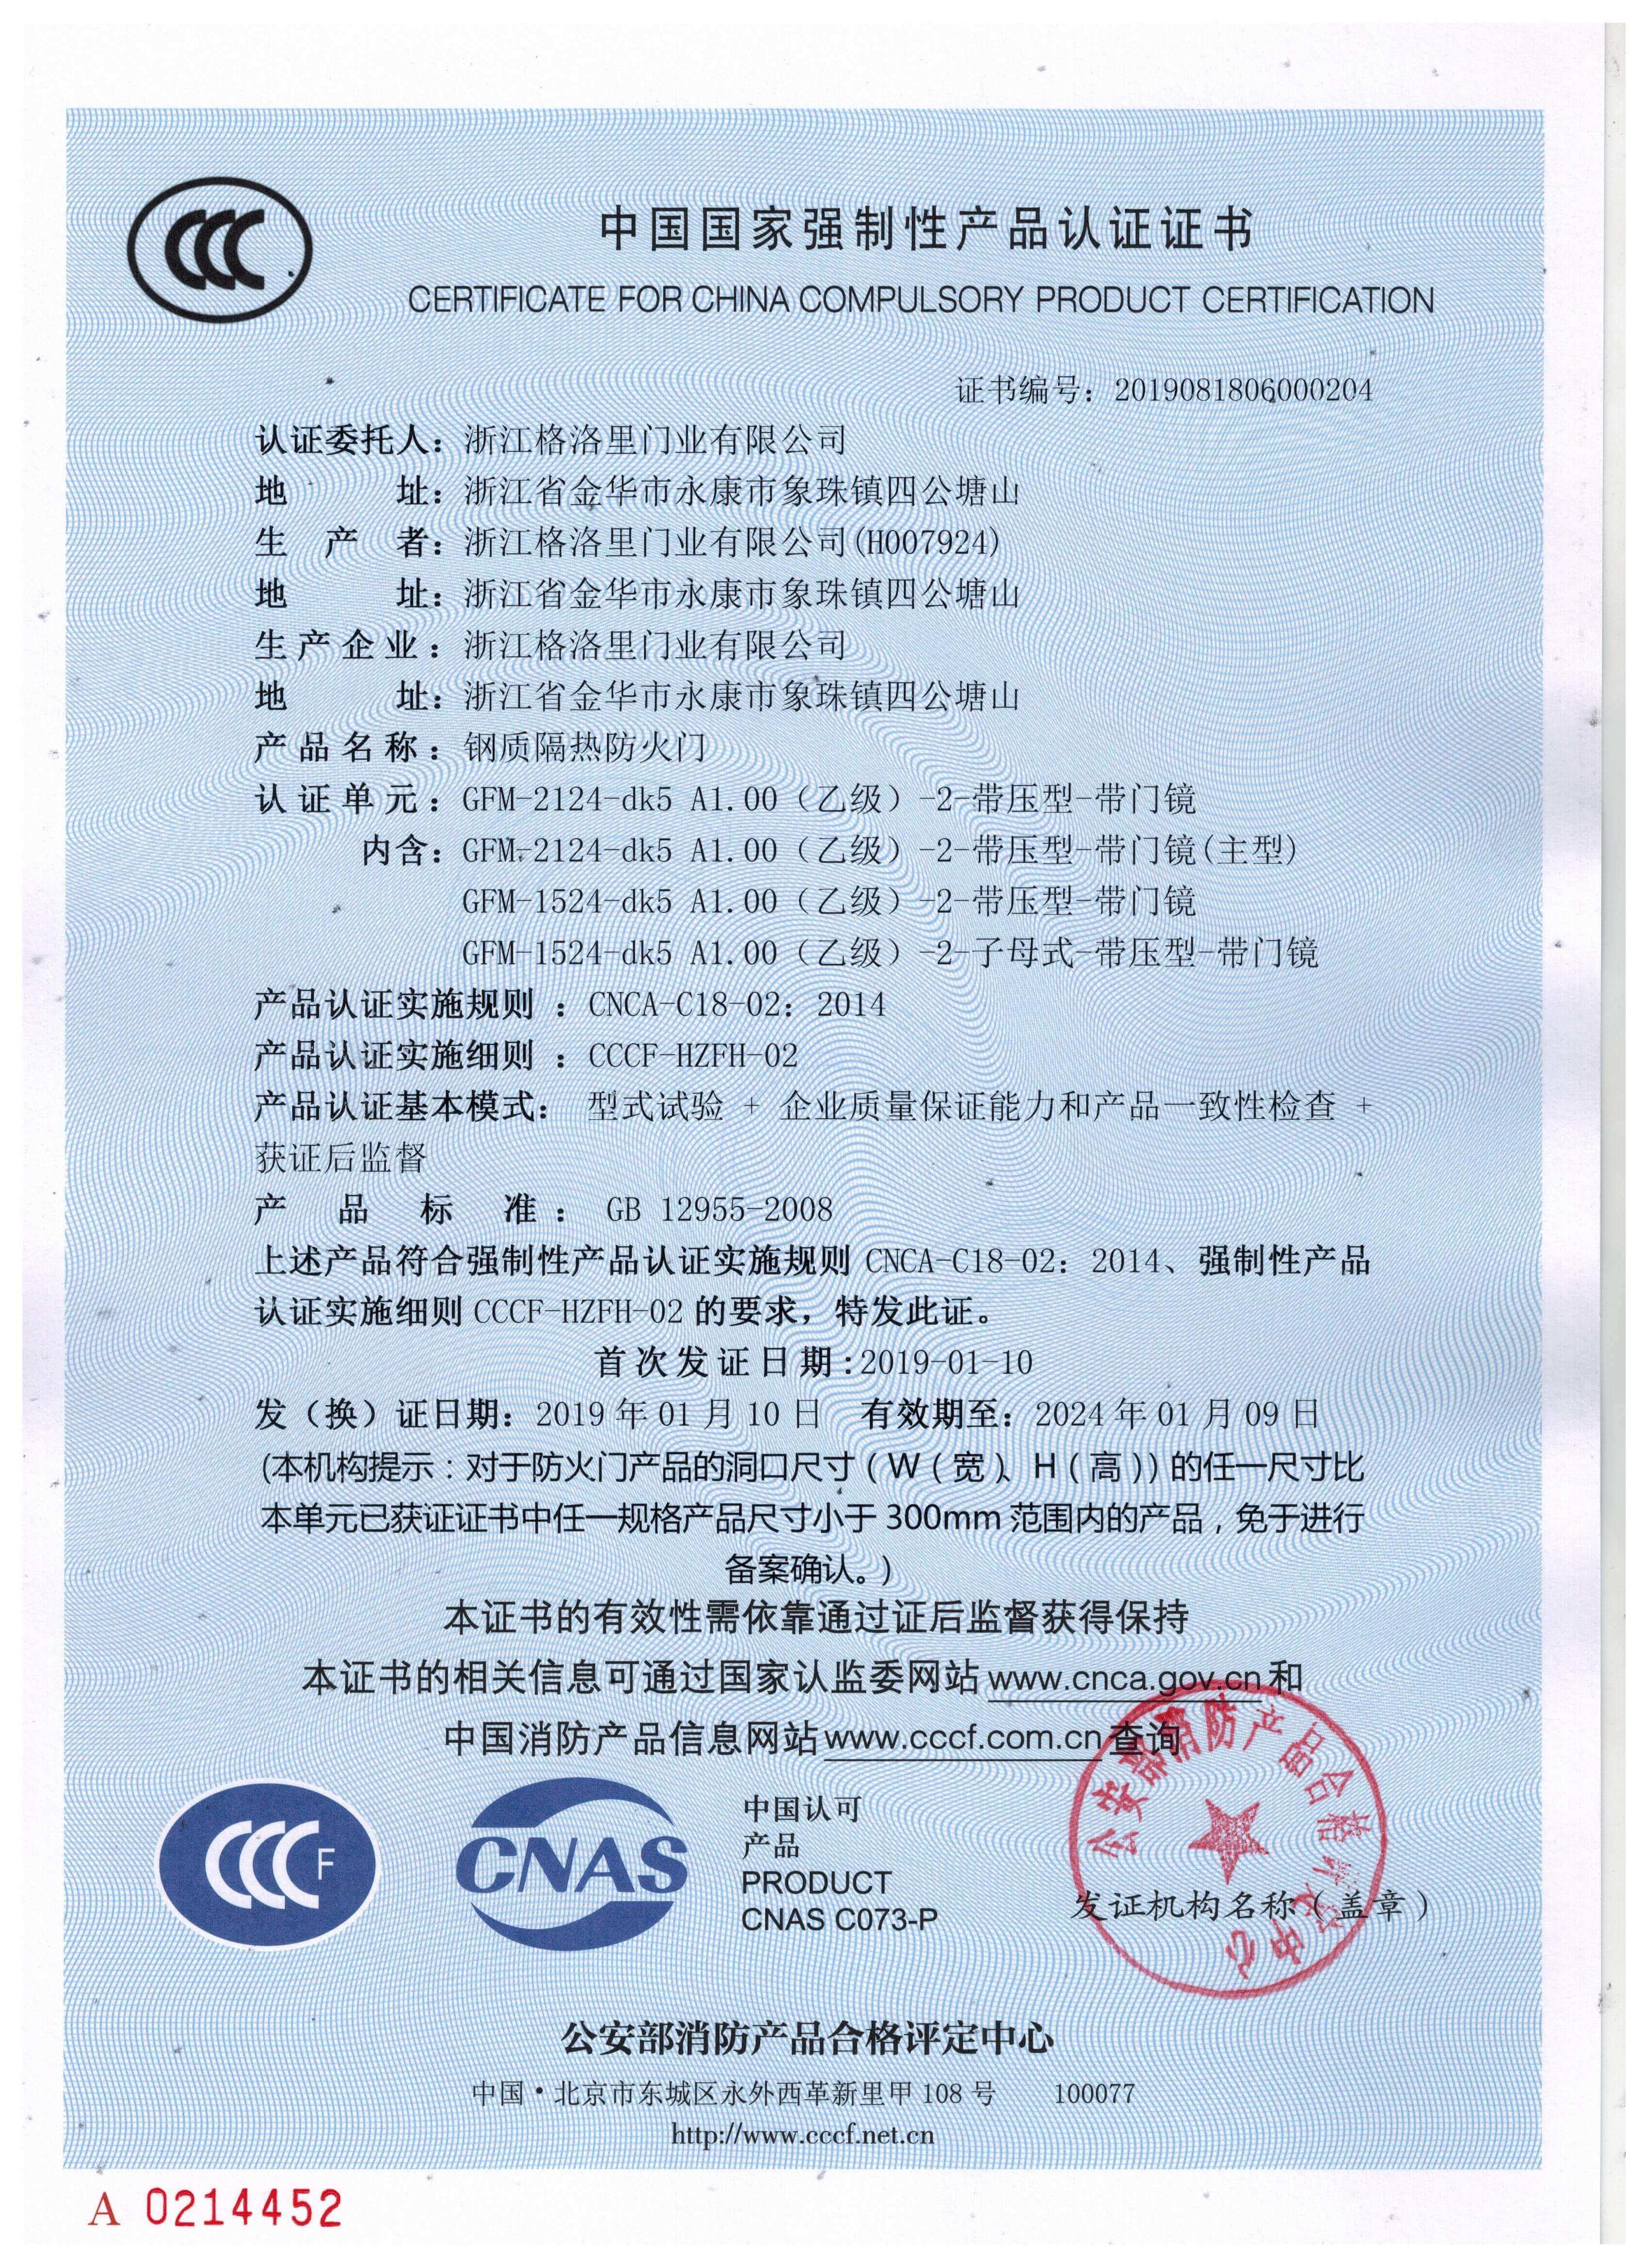 GFM-2124-dk5-A1.00(乙级)-2-带压型-带门镜